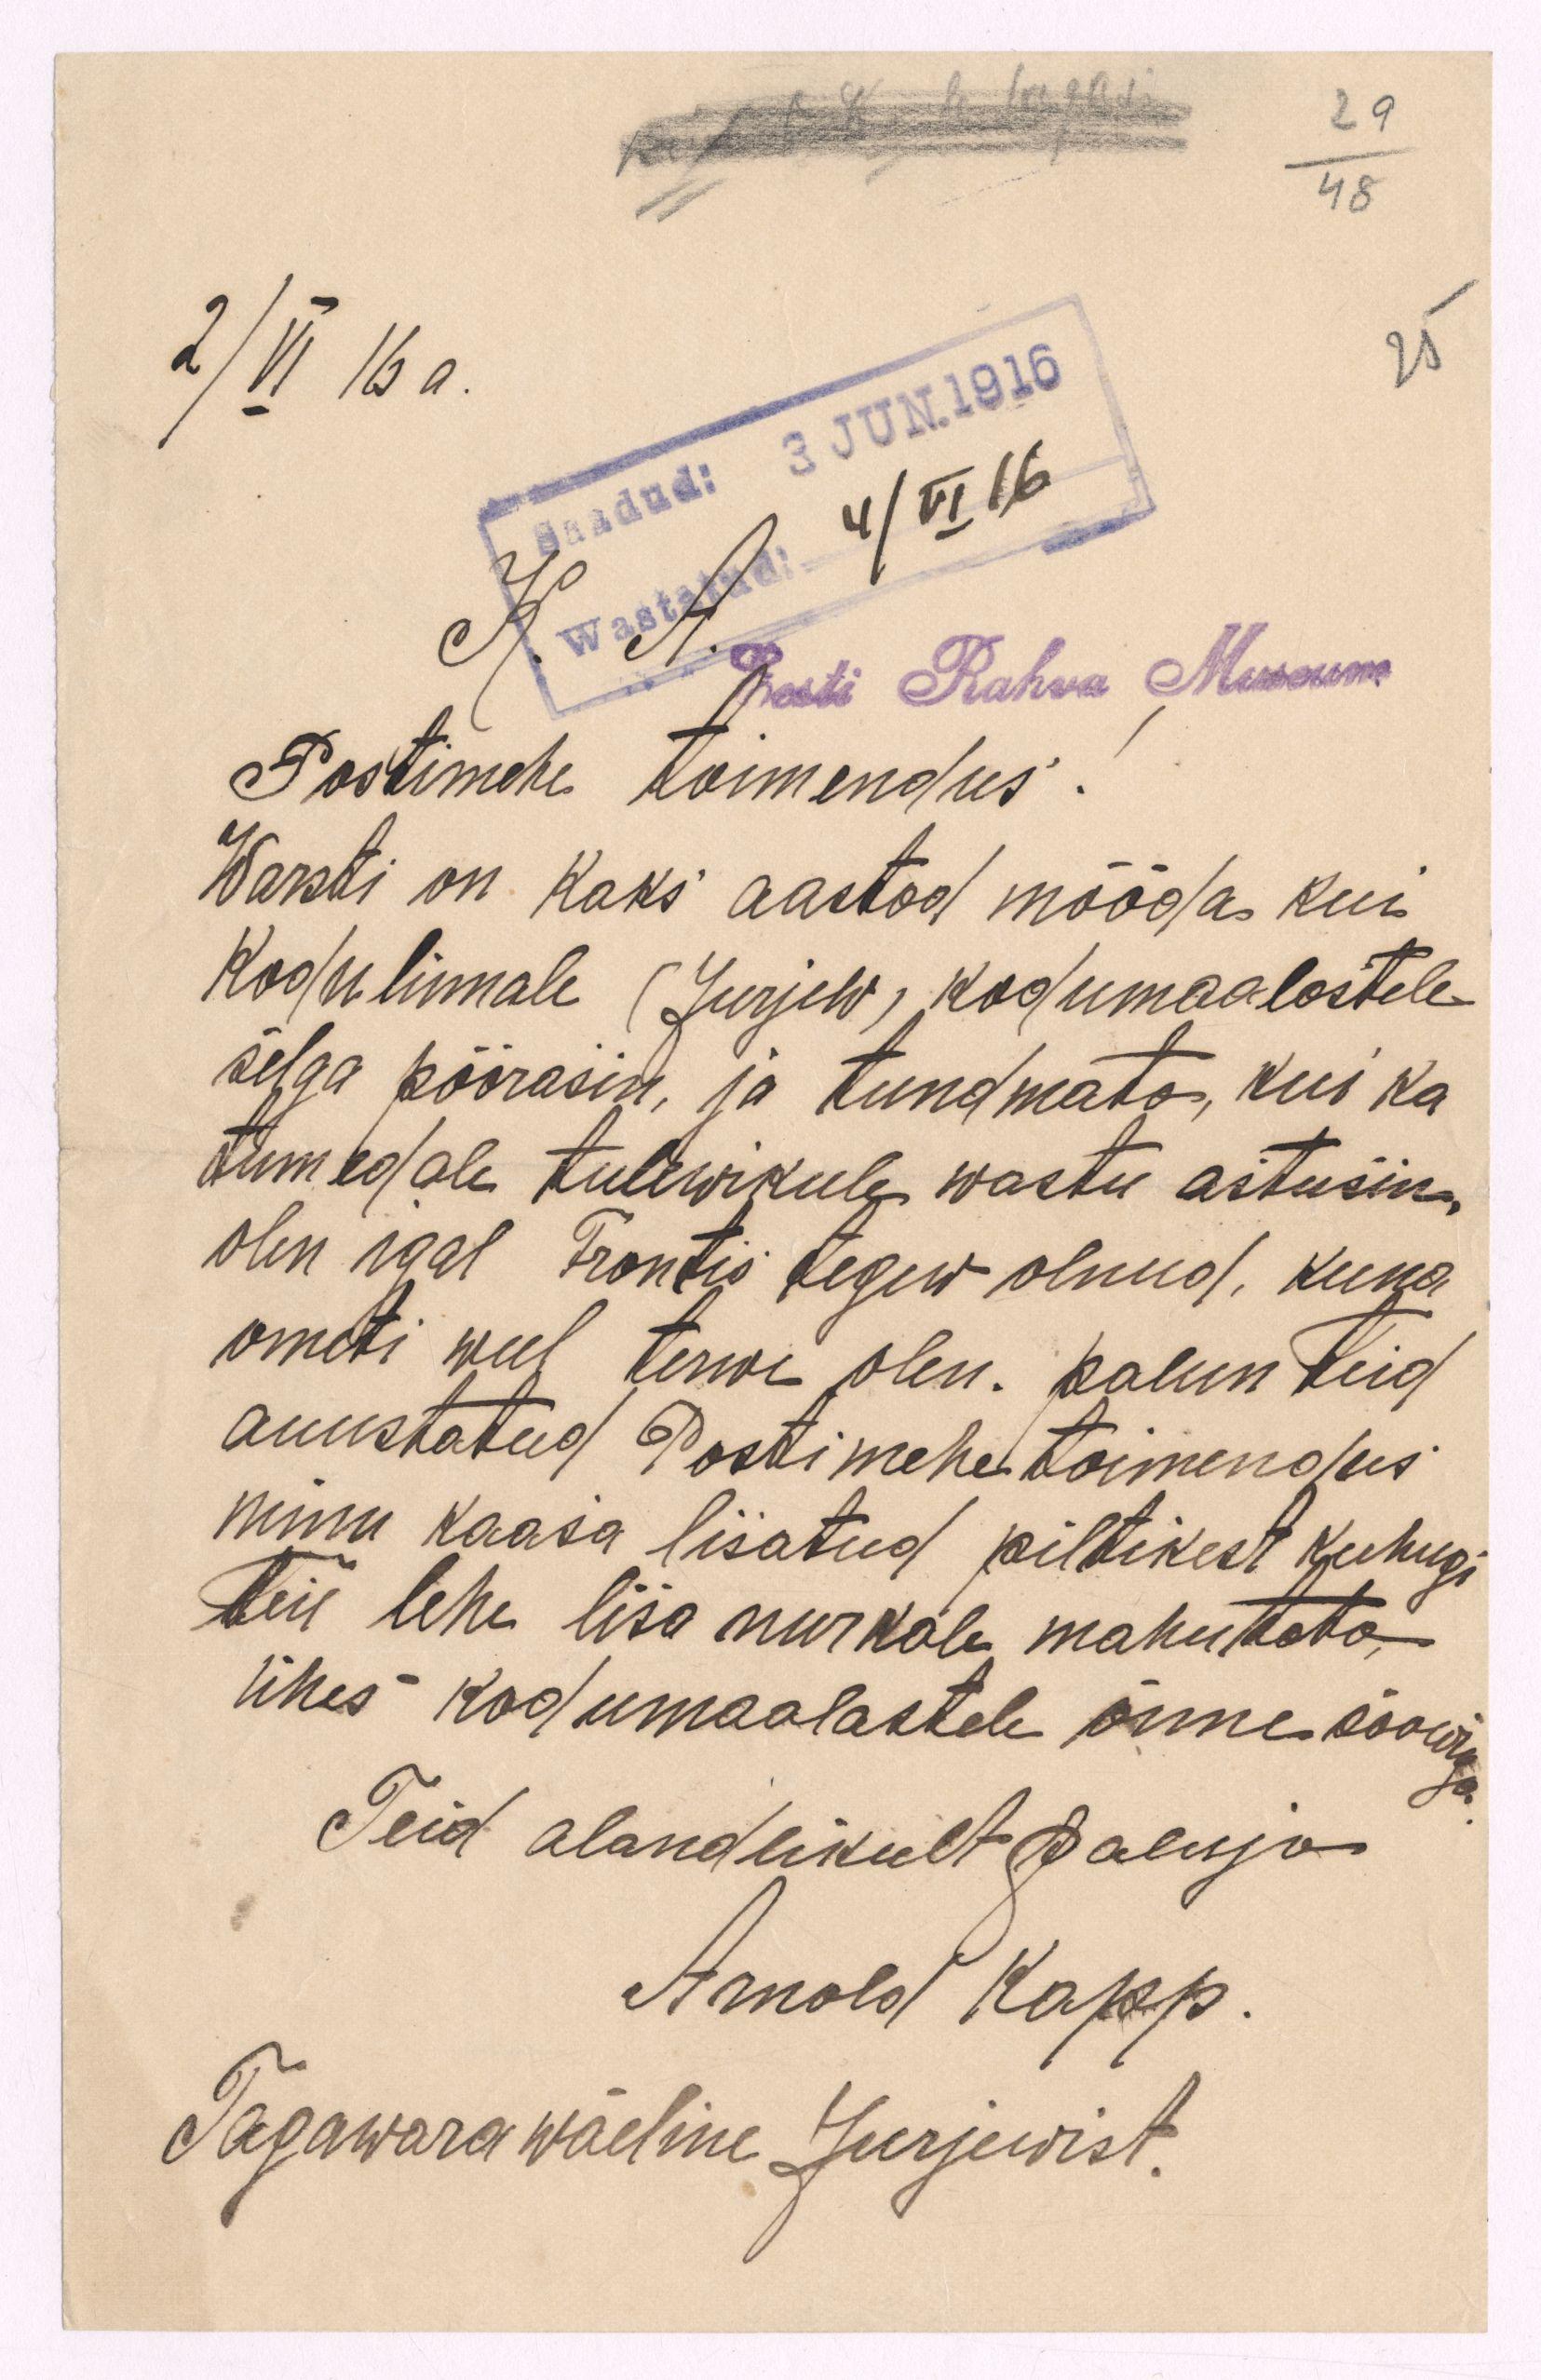 Postimehe toimetusse saabunud Arnold Kapi kiri. EAA.2111.2.19